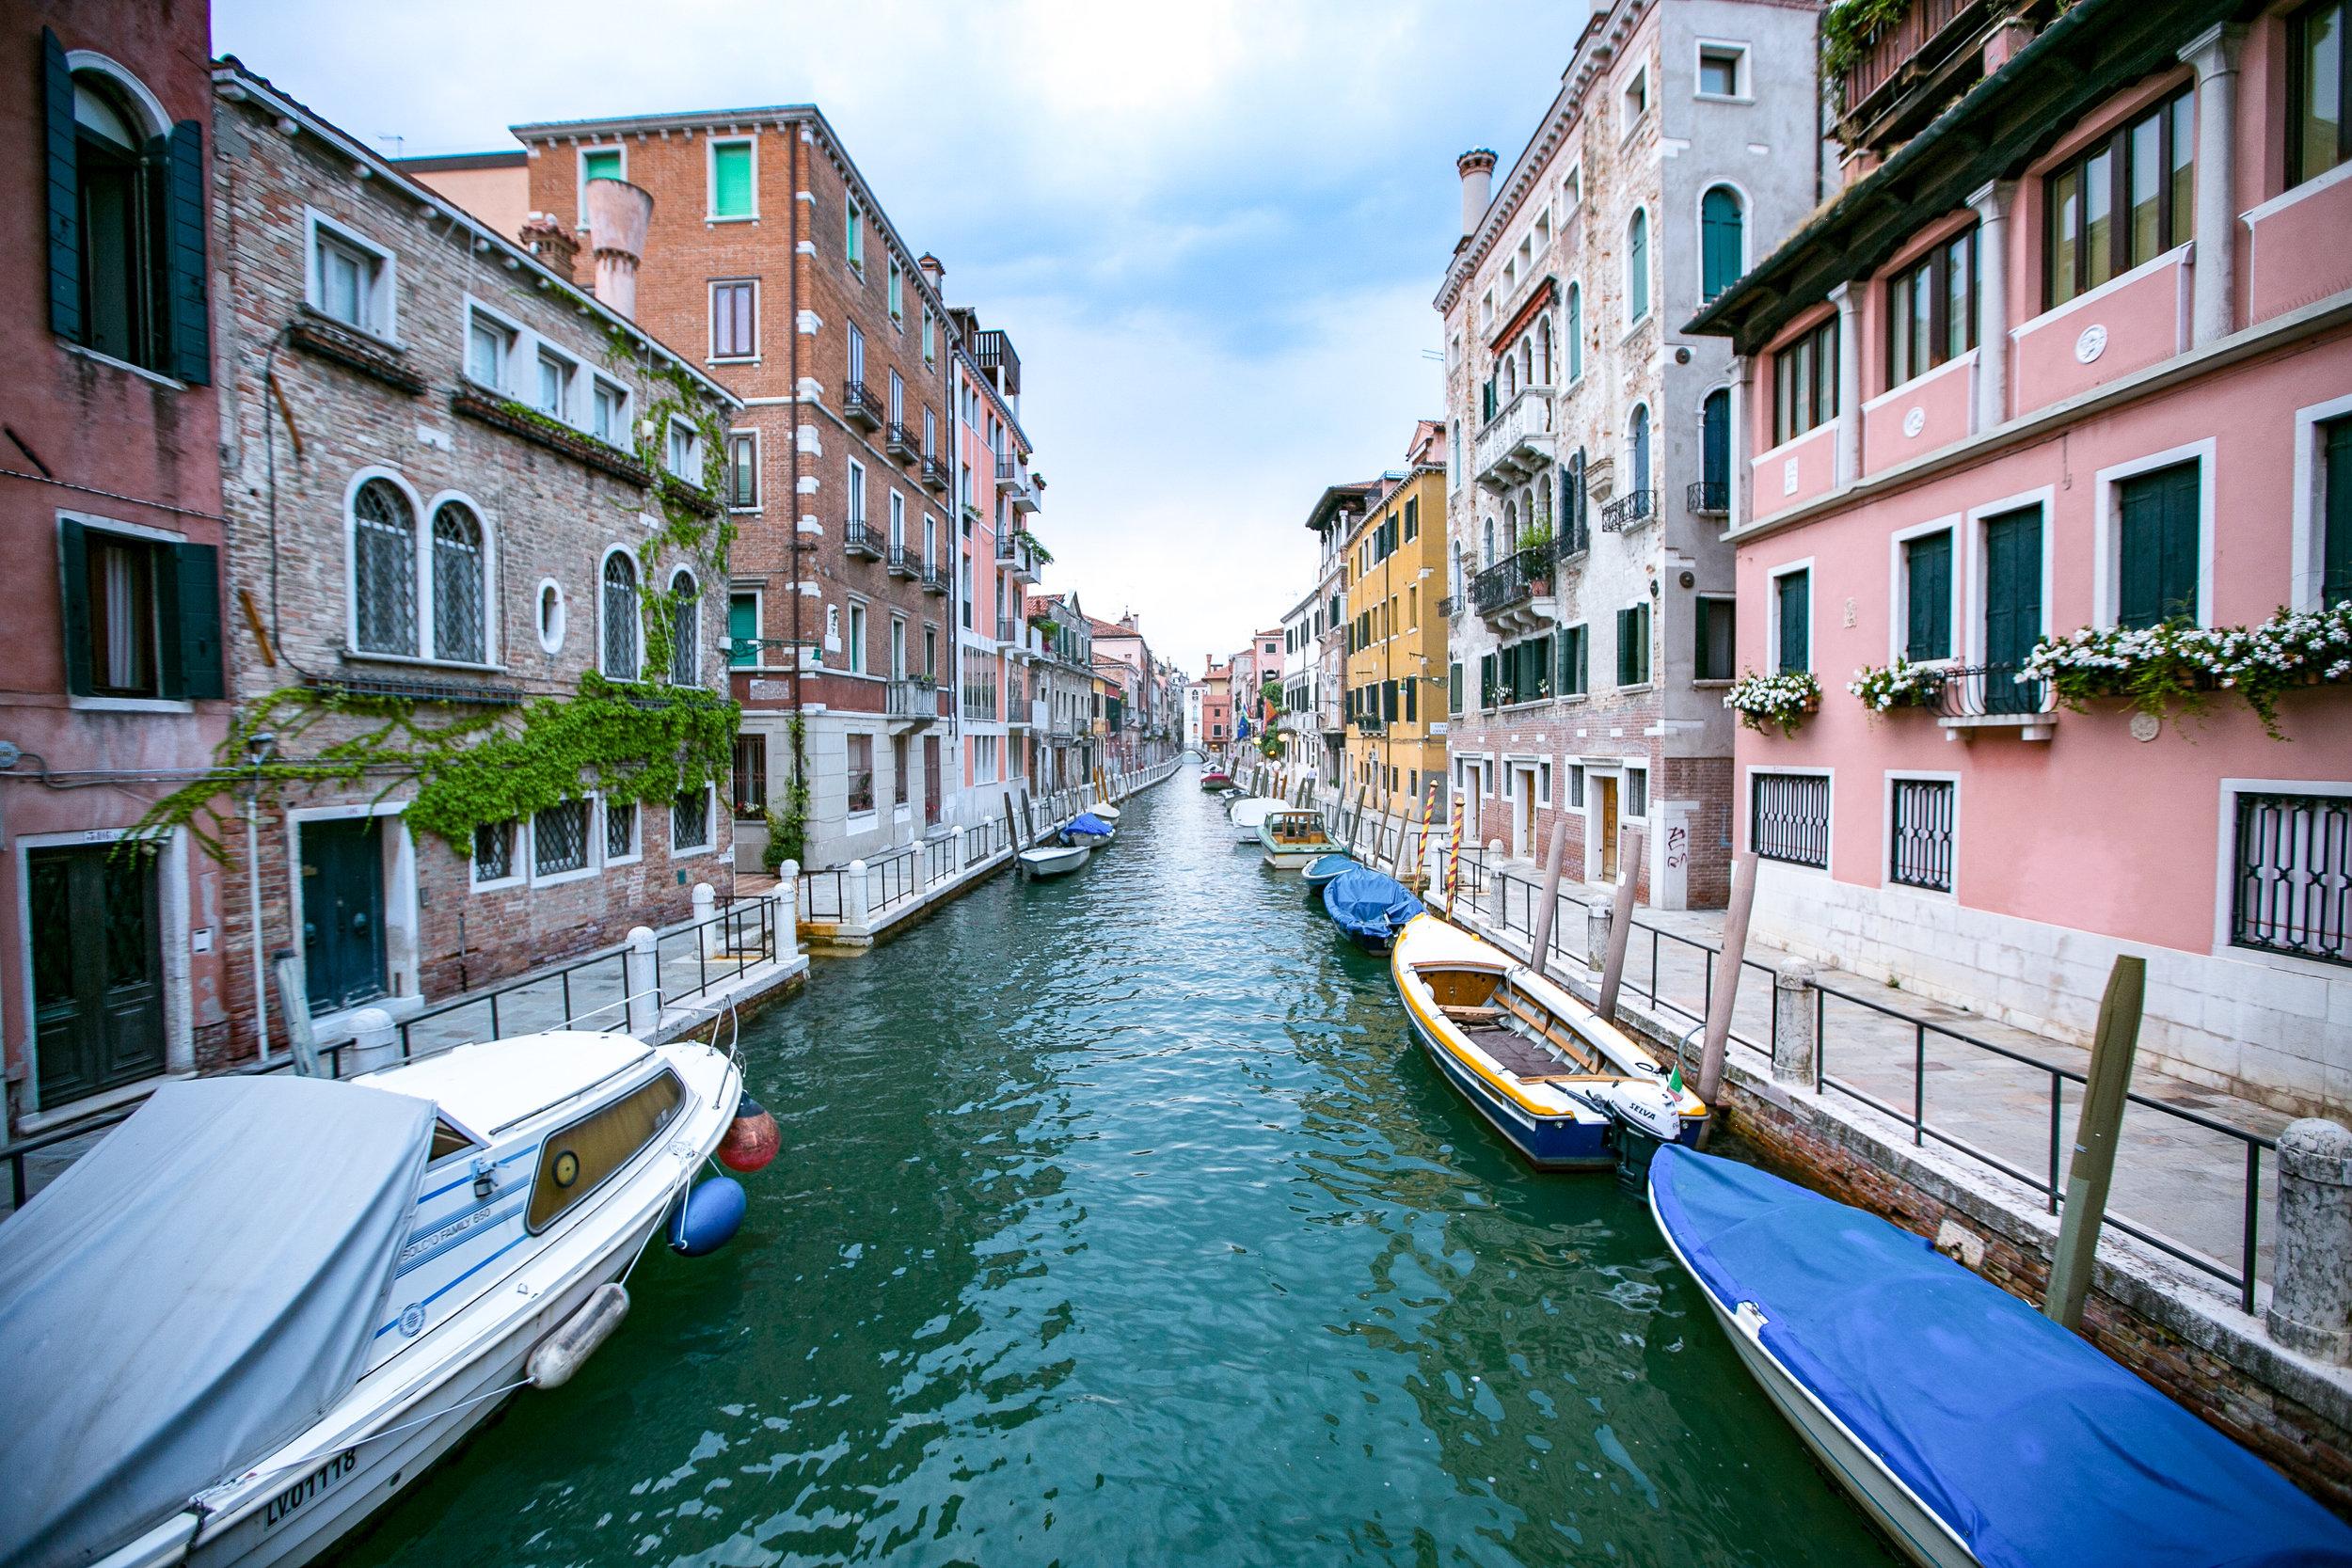 Venice: Through the eyes of a local